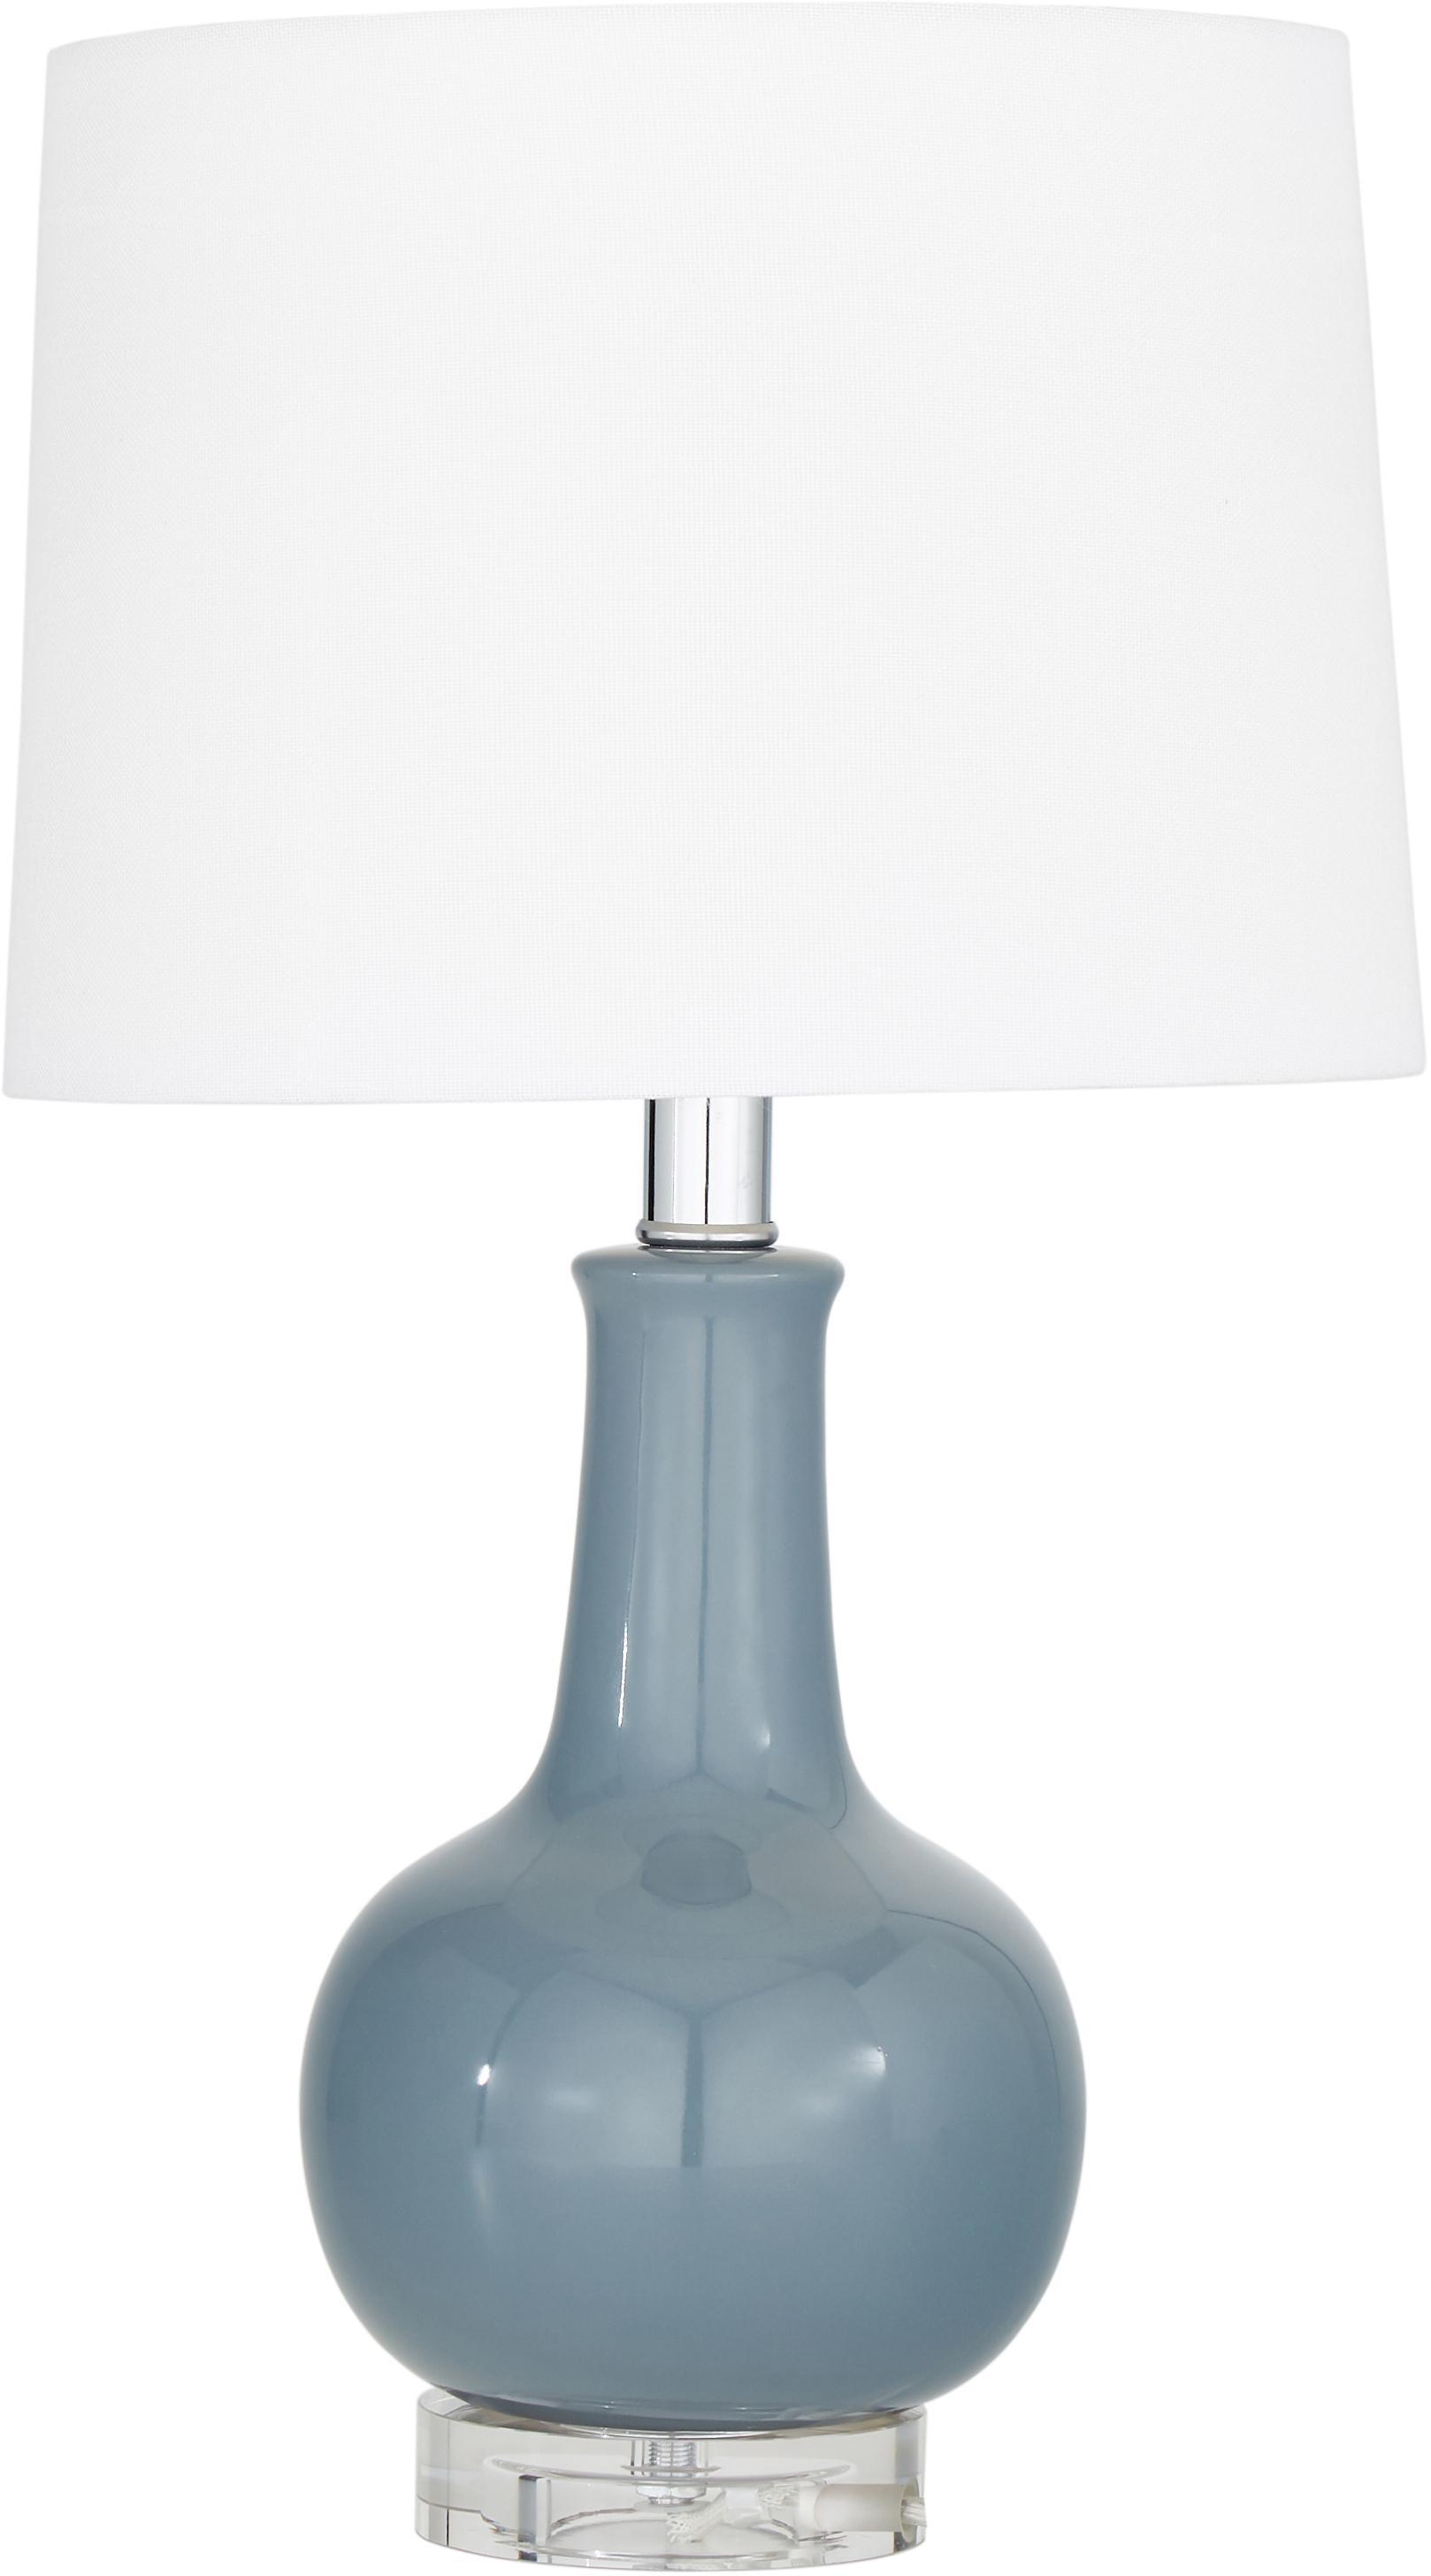 Lampada da tavolo in ceramica Brittany, Paralume: tessuto, Base della lampada: ceramica cristallo, Bianco, grigio, Ø 28 x Alt. 48 cm